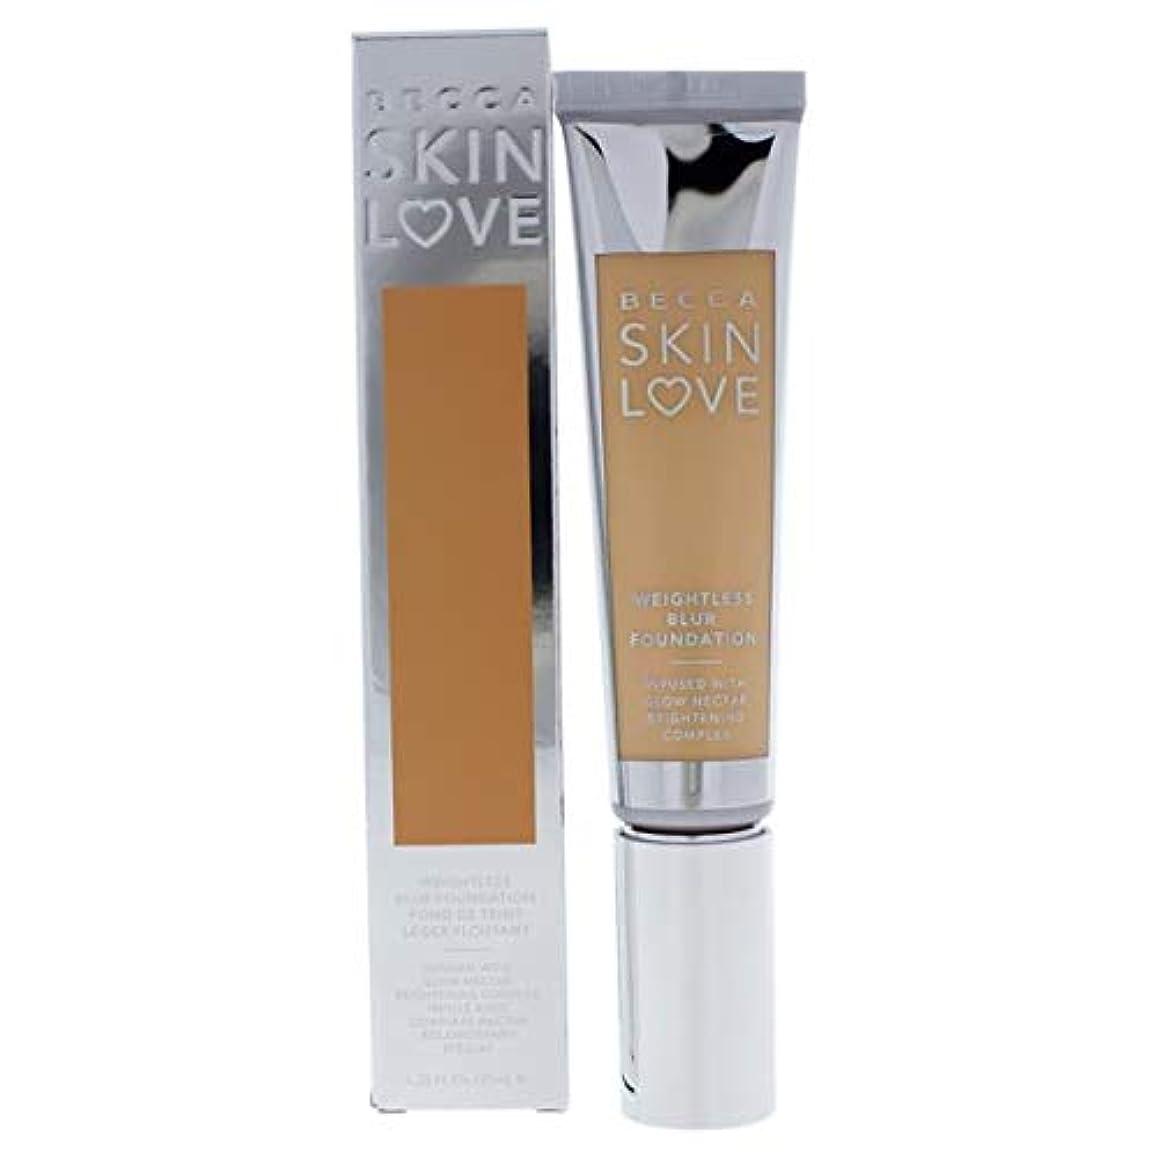 シーフード走る増加するベッカ Skin Love Weightless Blur Foundation - # Vanilla 35ml/1.23oz並行輸入品